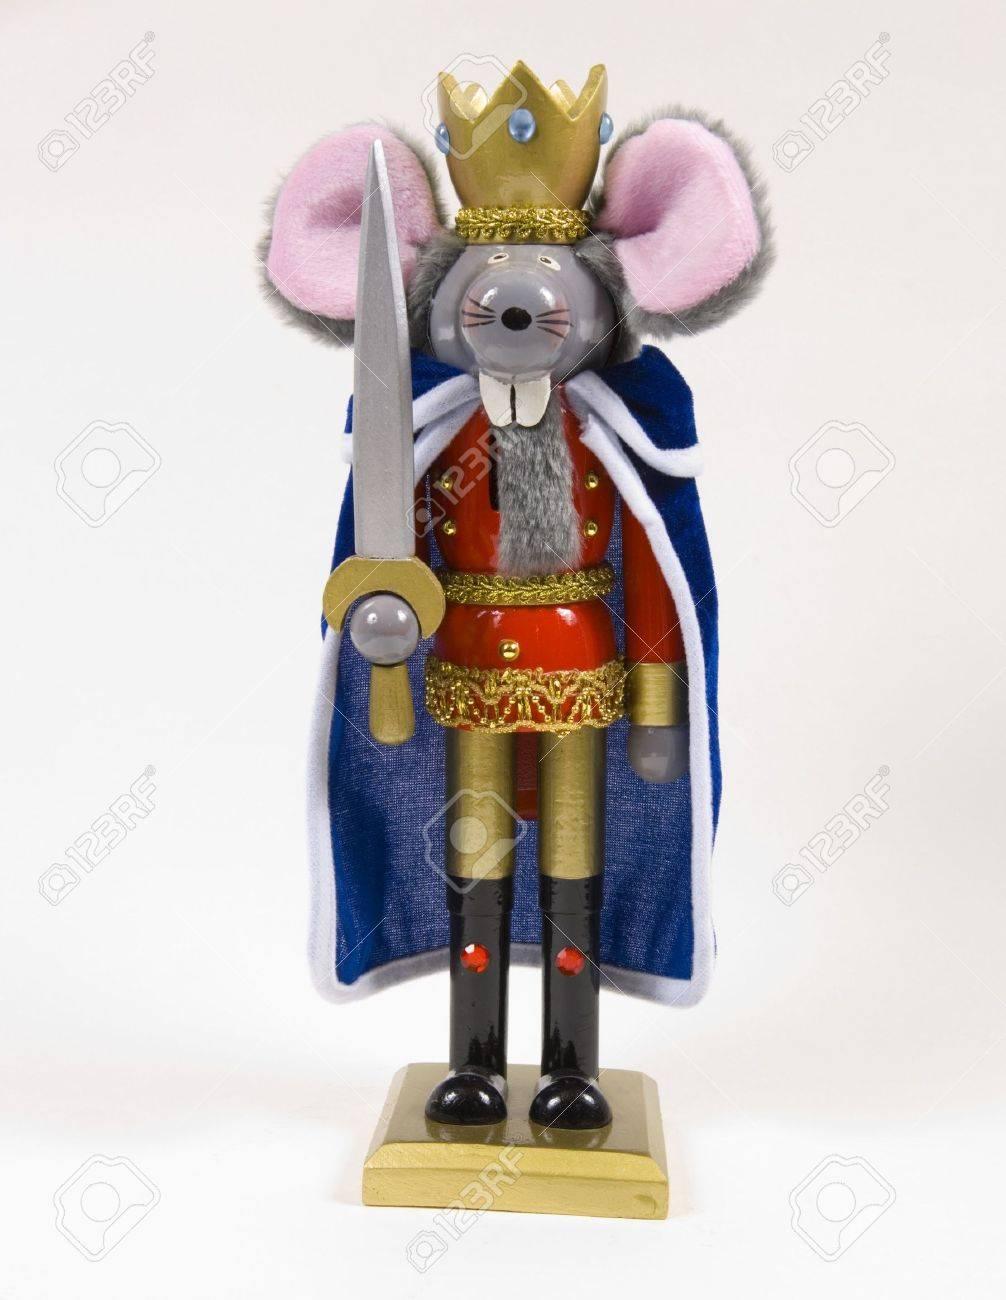 Casse Noisette Et Le Roi Des Souris : casse, noisette, souris, Nutcrackers, Noël,, Souris, Histoire, Casse-Noisette, Banque, D'Images, Photos, Libres, Droits., Image, 512431.